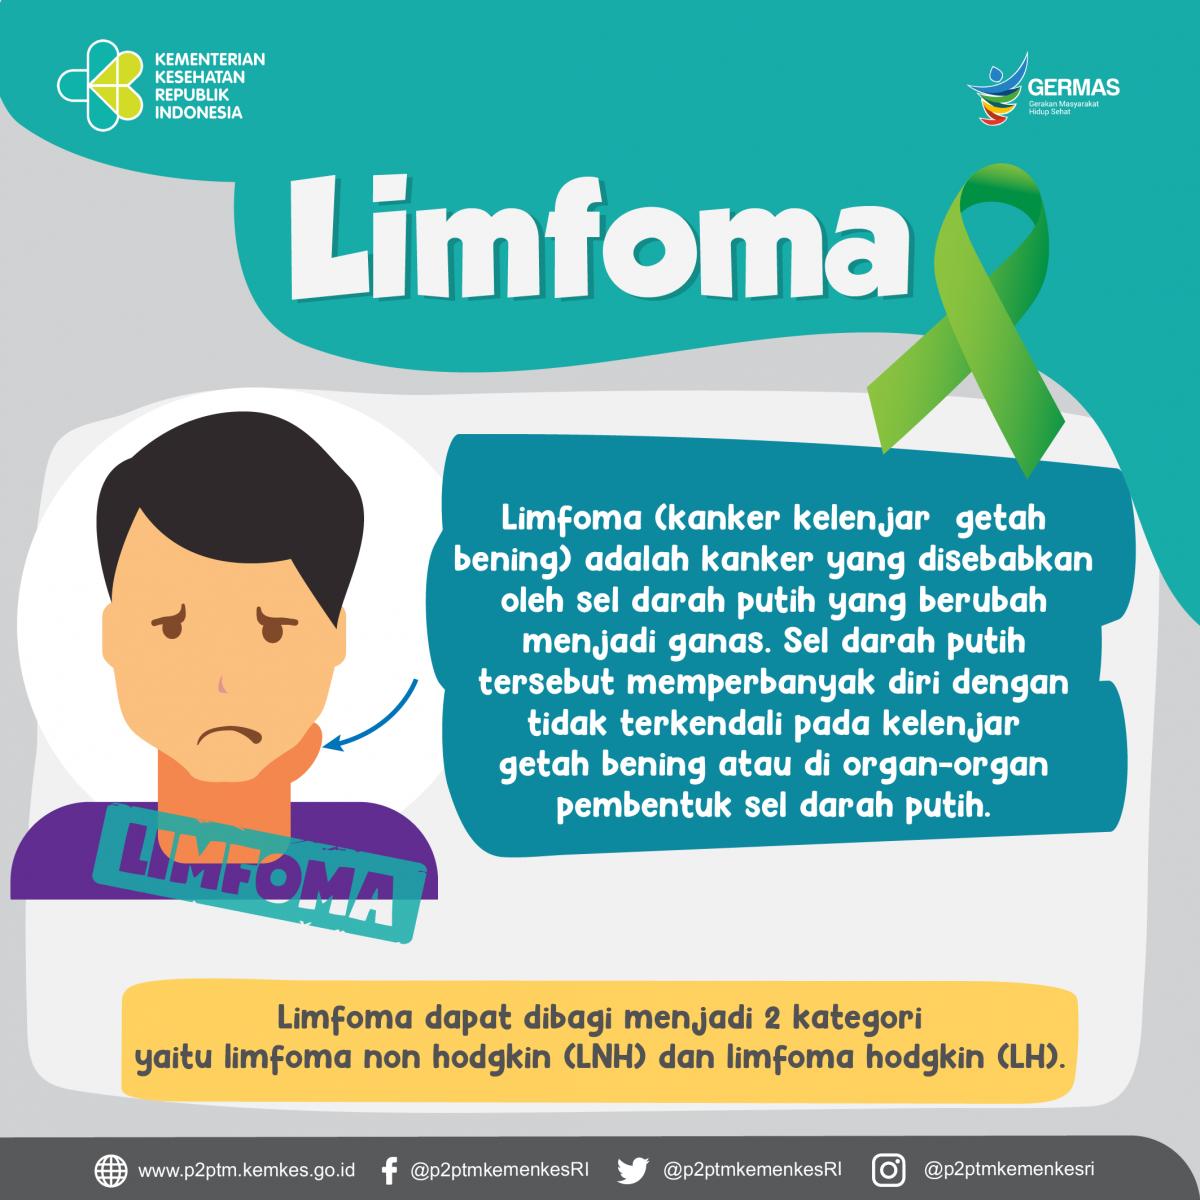 Mengenal Limfoma atau Kanker Kelenjar Getah Bening ...